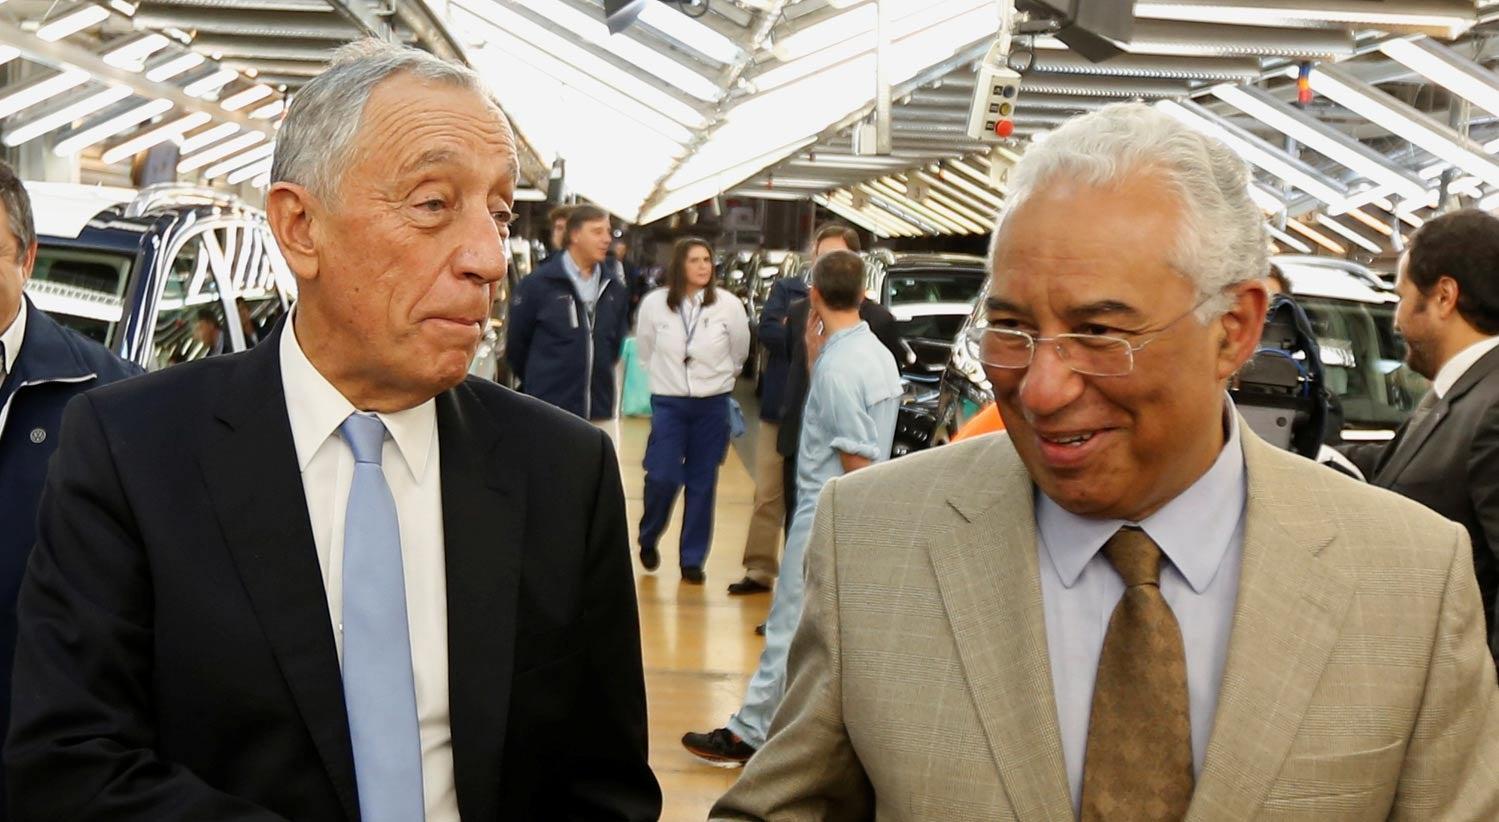 Economia - Marcelo diz que descida da TSU é favorável à economia